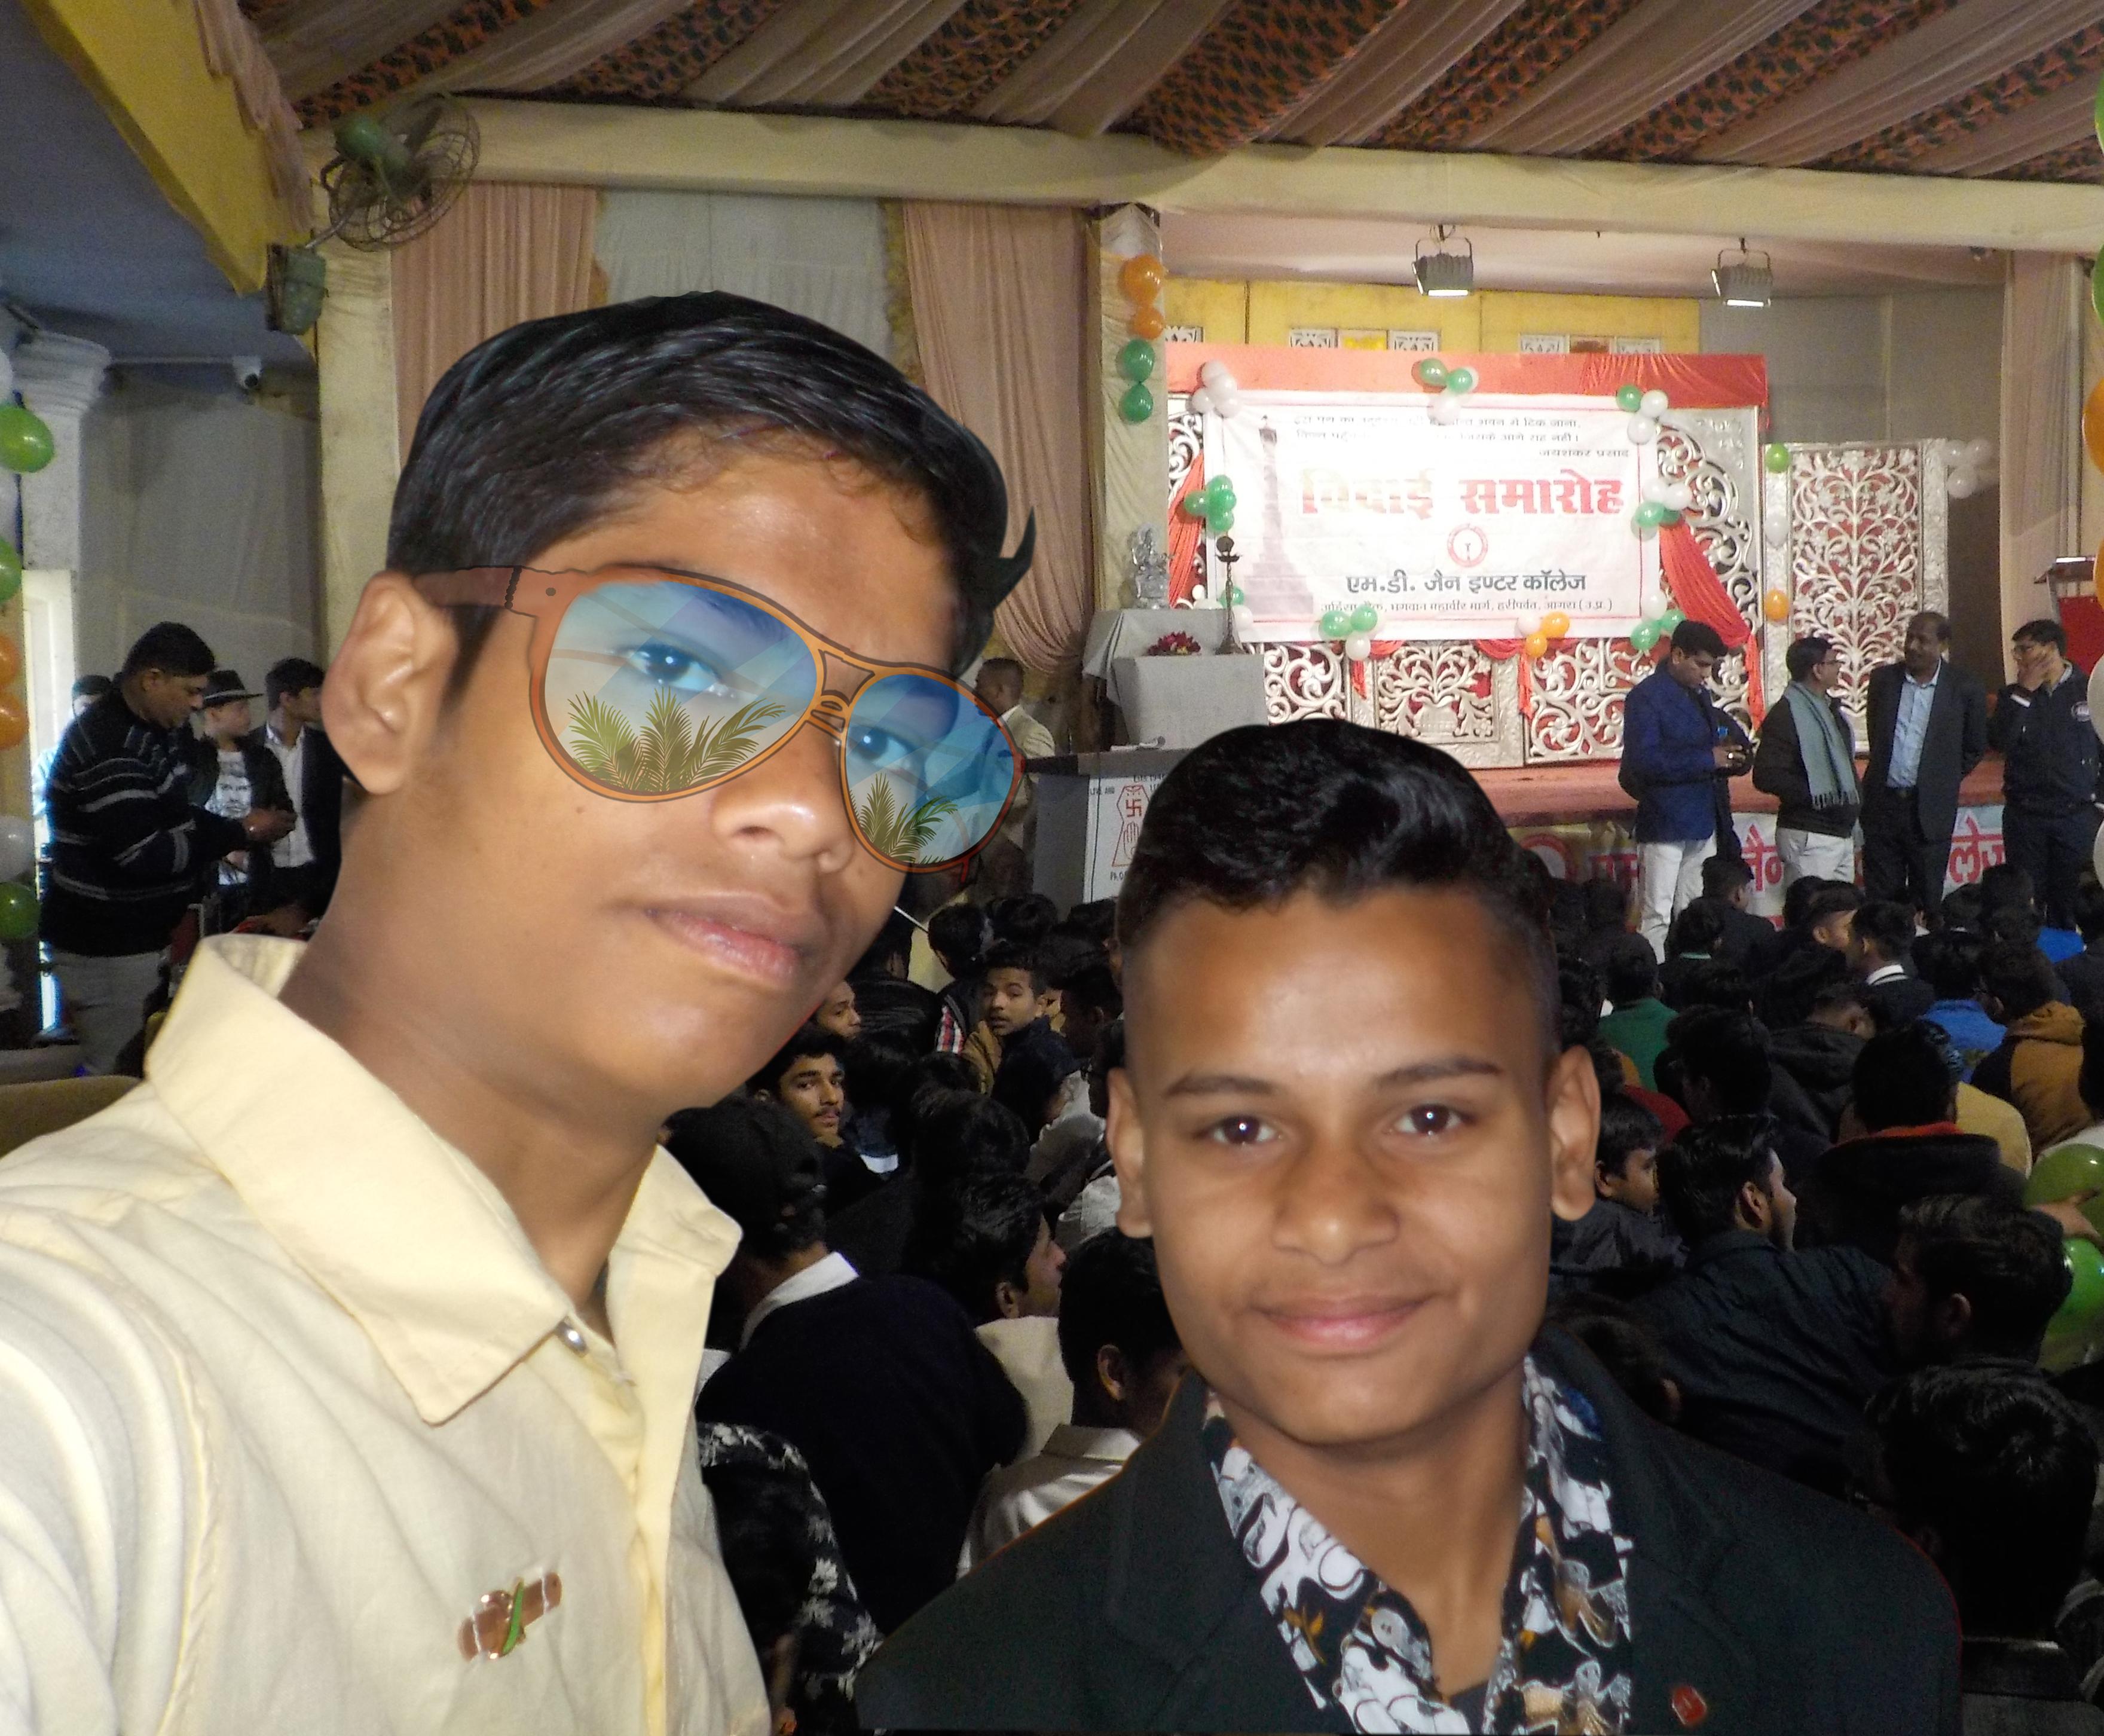 DEV COMPUTER SERVICE DEHTORA in Agra